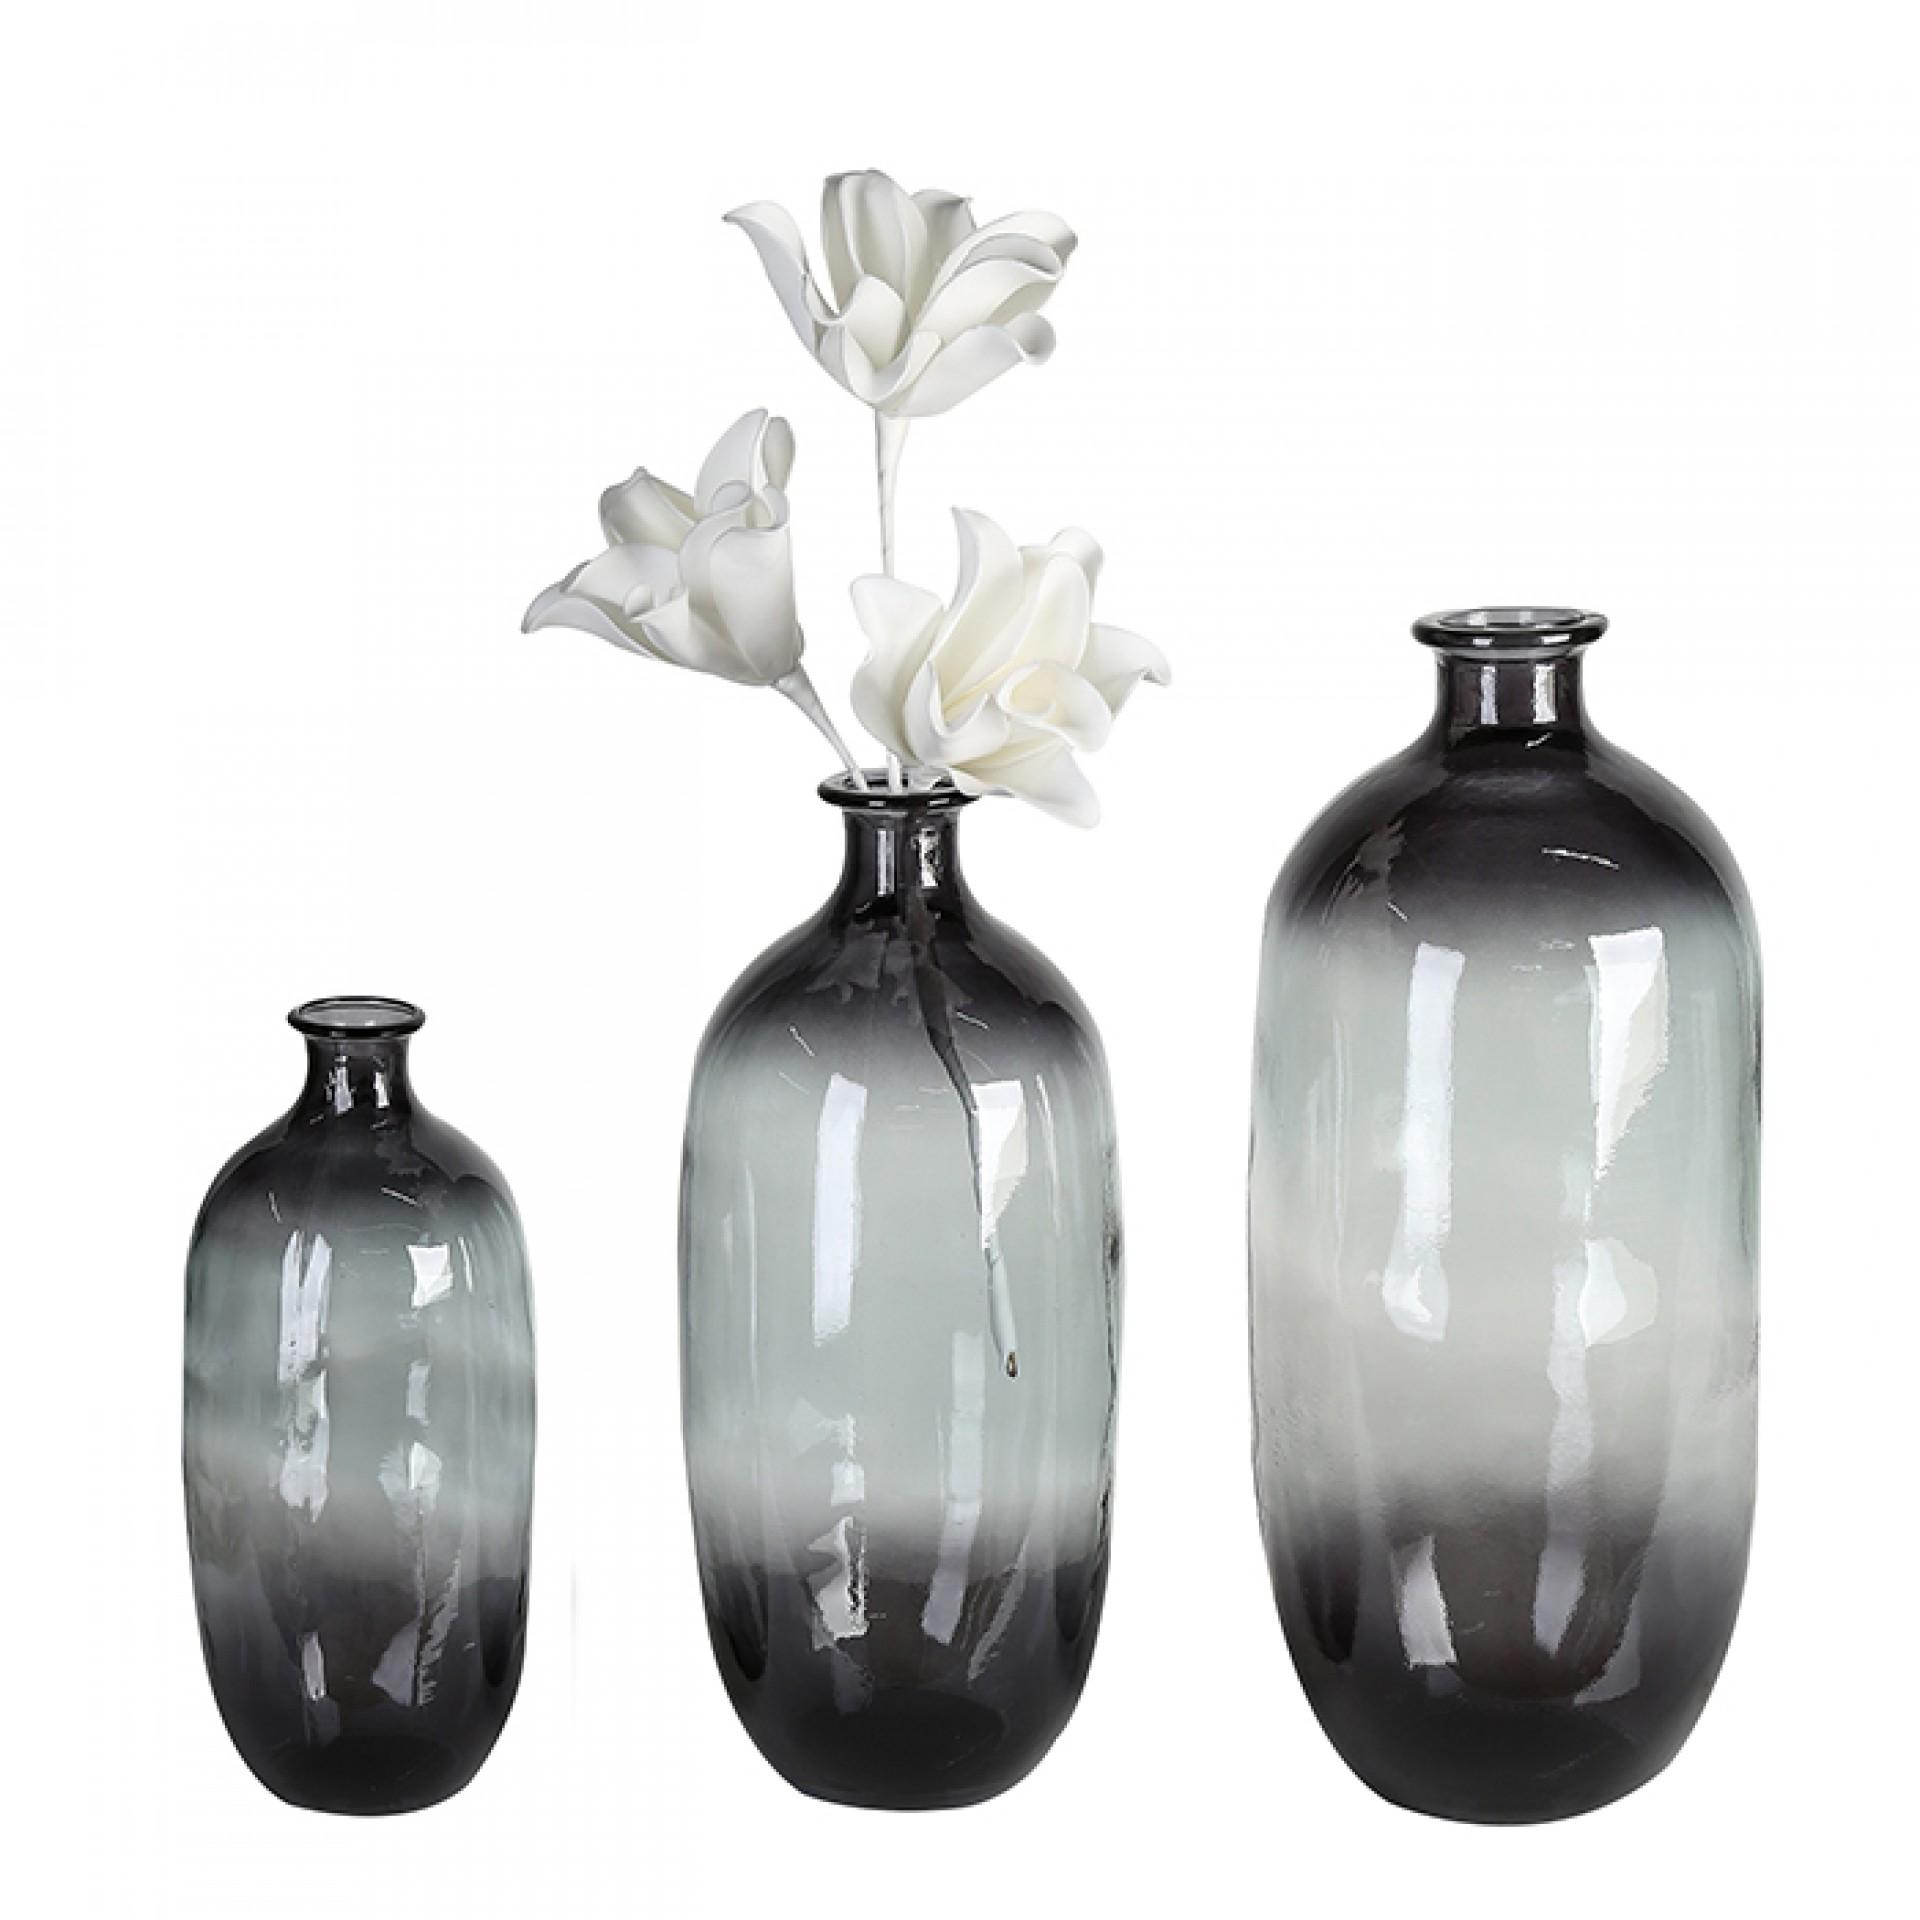 Váza z recyklovaného skla Laica, 45 cm, šedá